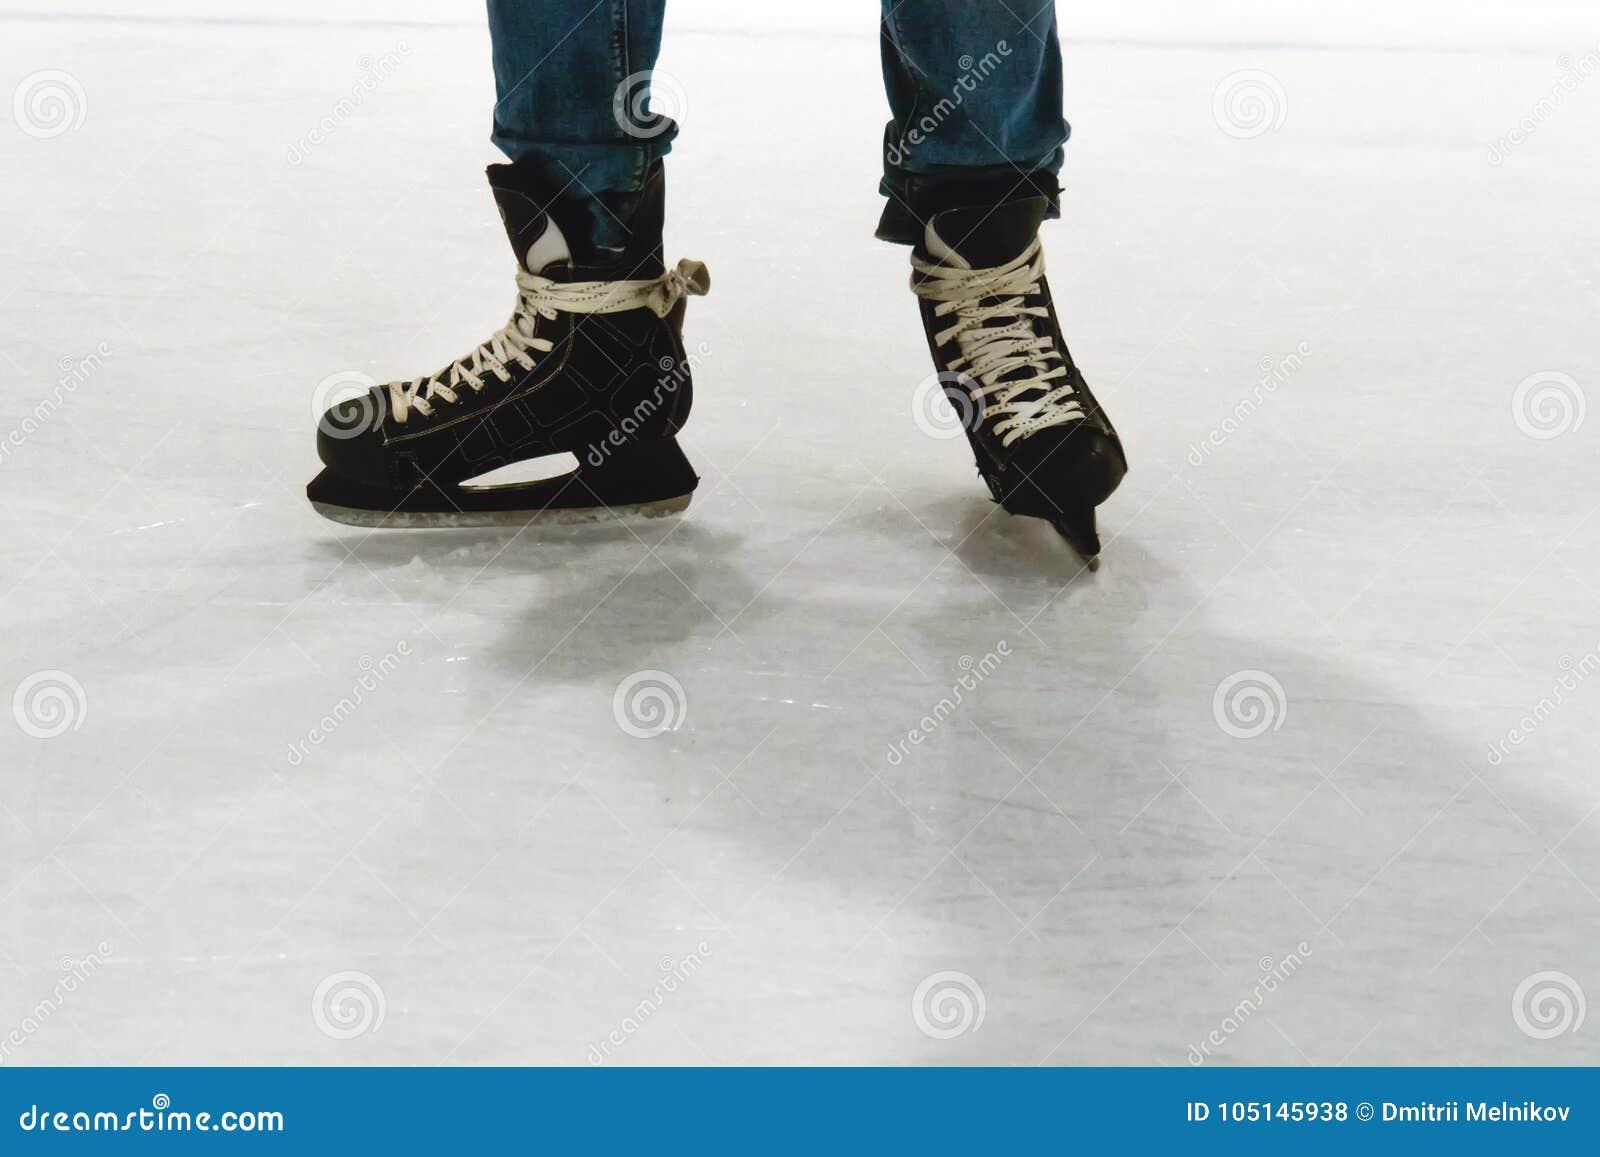 Skater legs at skating rink